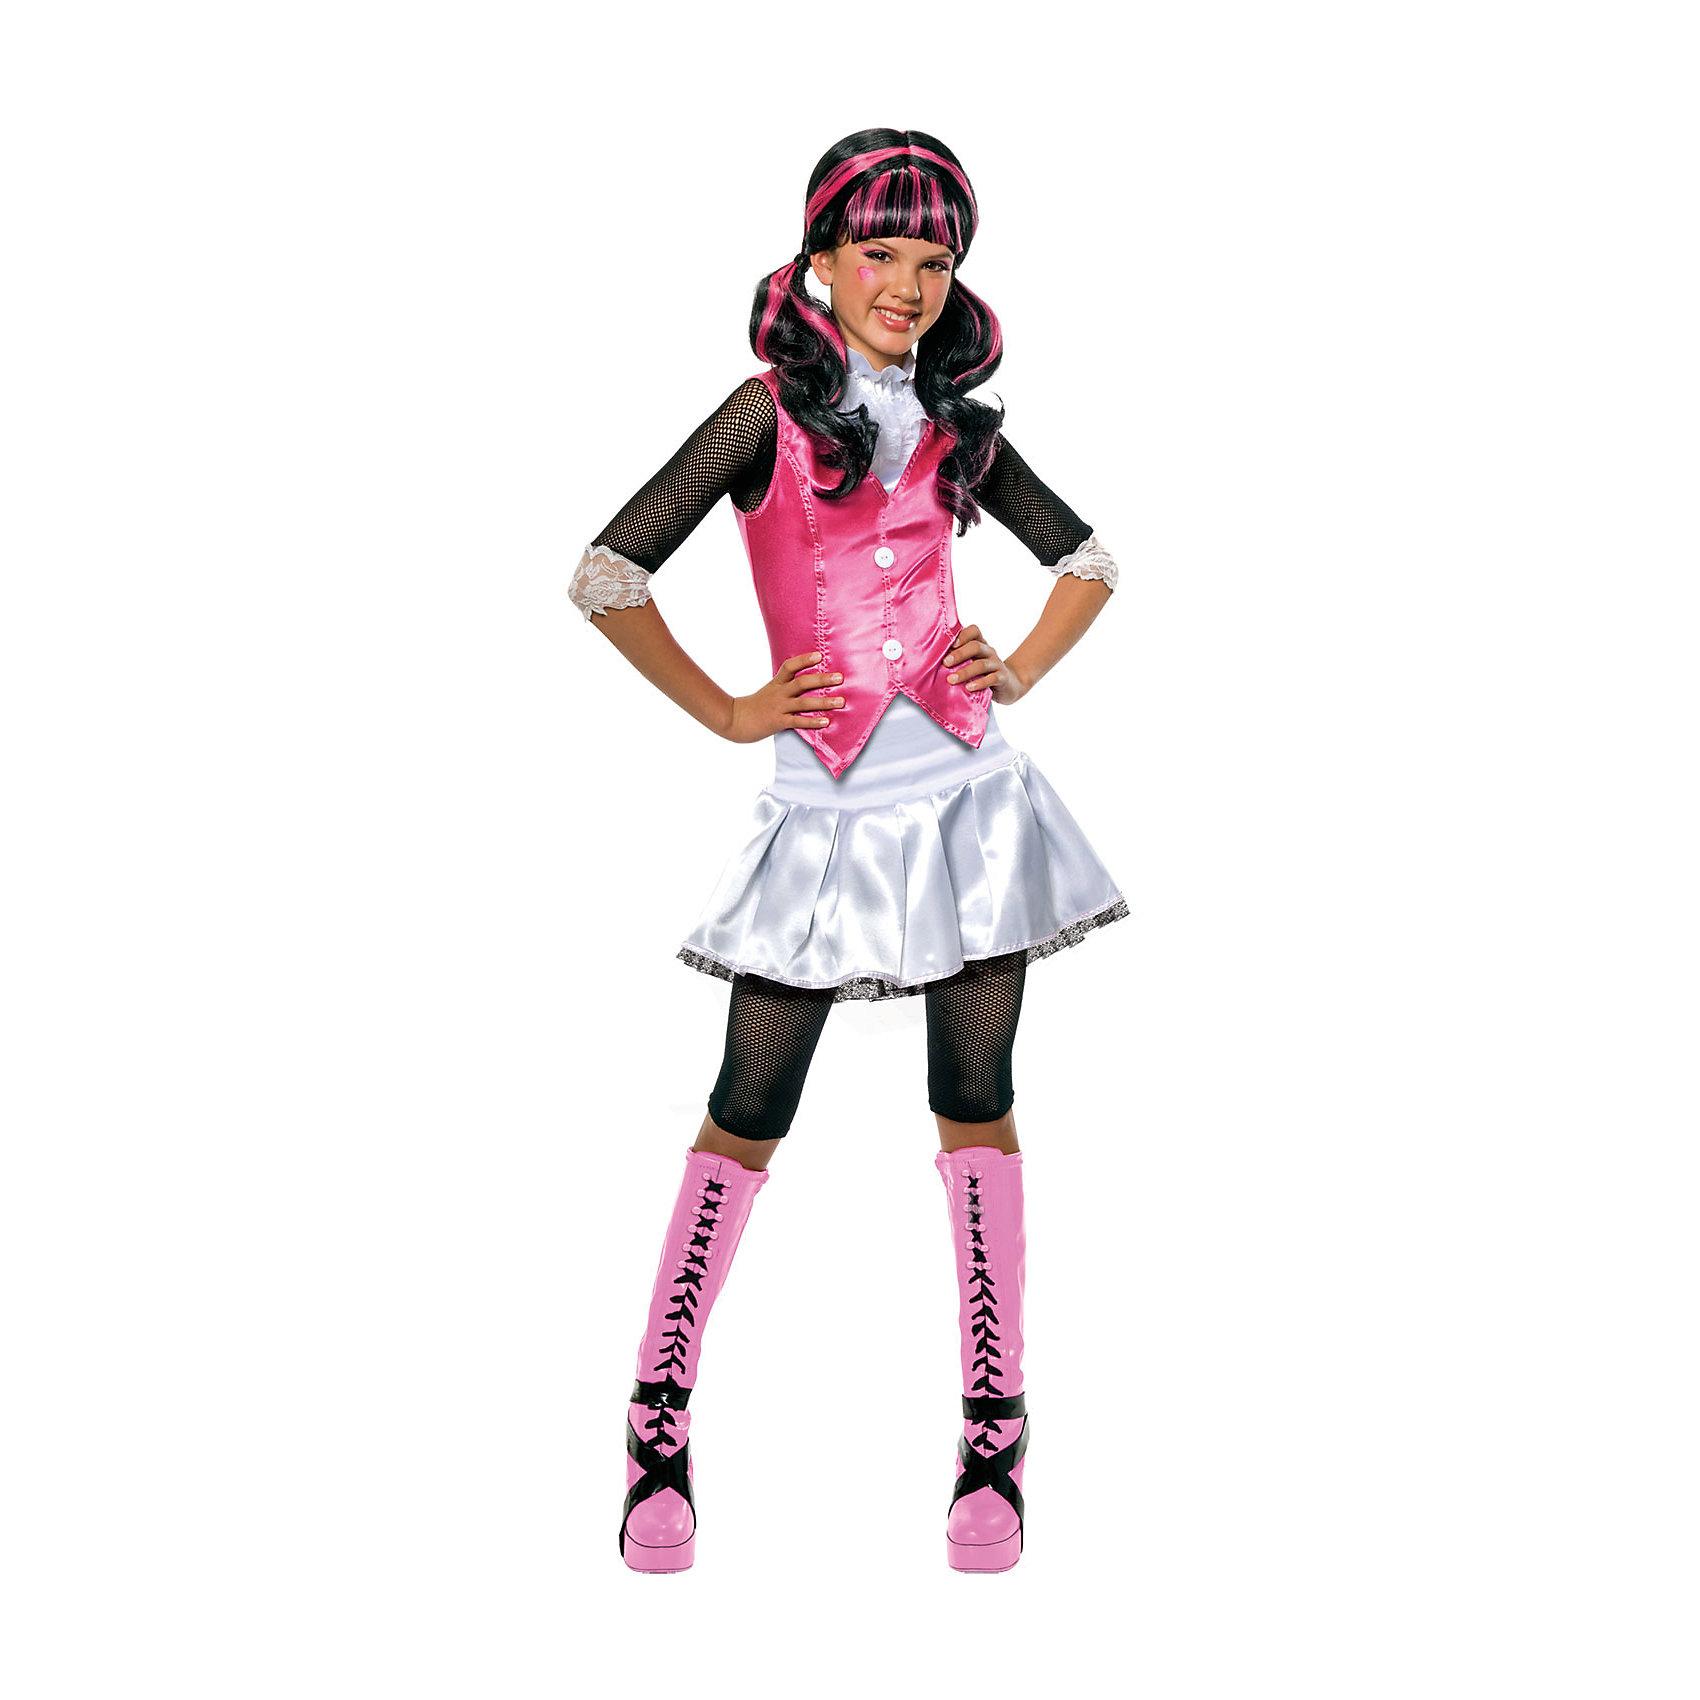 Карнавальный костюм ДРАКУЛАУРА, RUBIESИгрушки<br>Карнавальный костюм ДРАКУЛАУРА, RUBIES - стильный карнавальный костюм, который наверняка придется по душе девочке-поклоннице мультфильма Школа монстров (Monster High).<br><br>Блузка с воротником-стойкой на липучке, пышная юбочка белого цвета и укороченные леггинсы помогут девочке превратиться в жизнерадостную и веселую Дракулауру, которая не переносит вида крови и является убежденной вегетарианкой.<br><br>Дополнительная информация:<br>- В комплект входит: блузка, юбка, леггинсы.<br>- Материал: полиэстер.<br>- ВНИМАНИЕ! Туфли и парик в комплект не входят.<br><br>Карнавальный костюм ДРАКУЛАУРА, RUBIES можно купить в нашем интернет-магазине.<br><br>Ширина мм: 500<br>Глубина мм: 20<br>Высота мм: 320<br>Вес г: 292<br>Цвет: разноцветный<br>Возраст от месяцев: 36<br>Возраст до месяцев: 48<br>Пол: Женский<br>Возраст: Детский<br>Размер: 104/110<br>SKU: 4764404